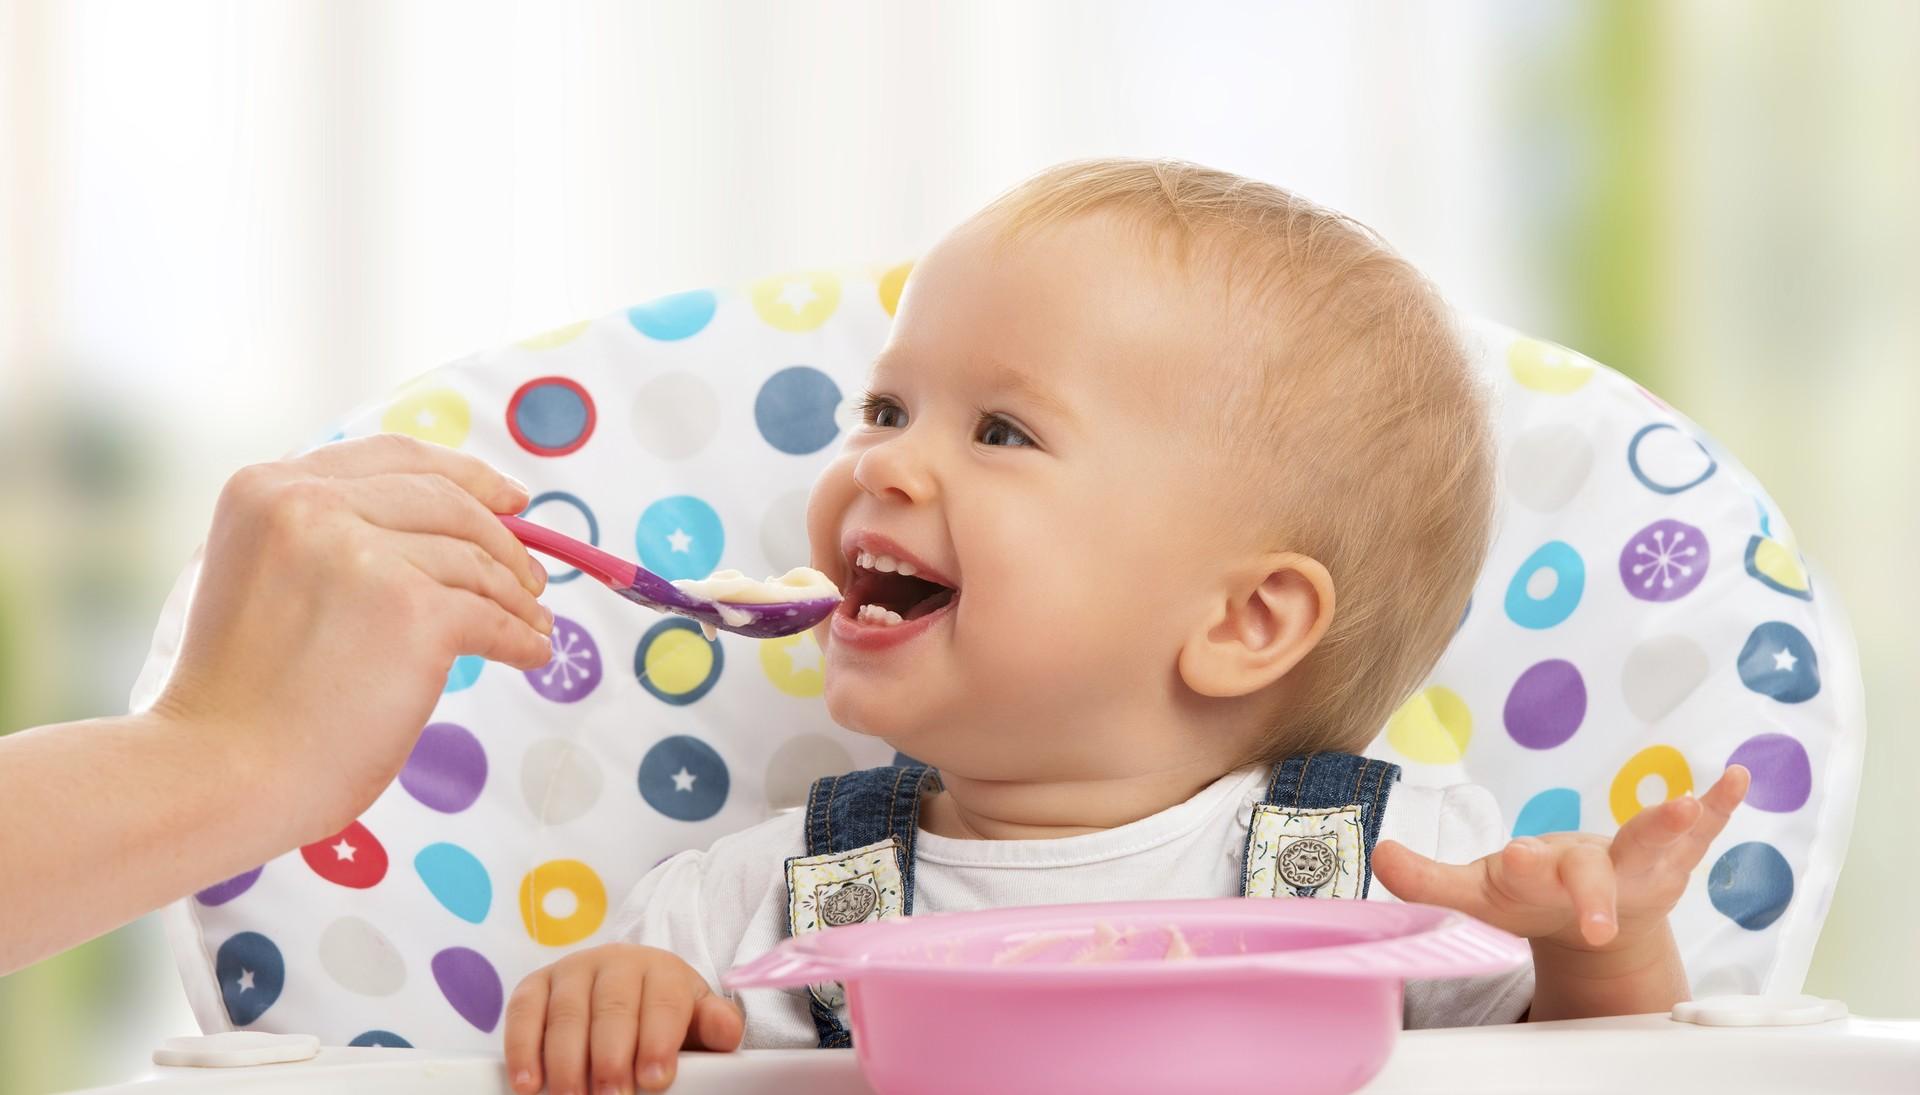 menina; cadeirão; papinha; comendo; sorriso (Foto: Thinkstock)